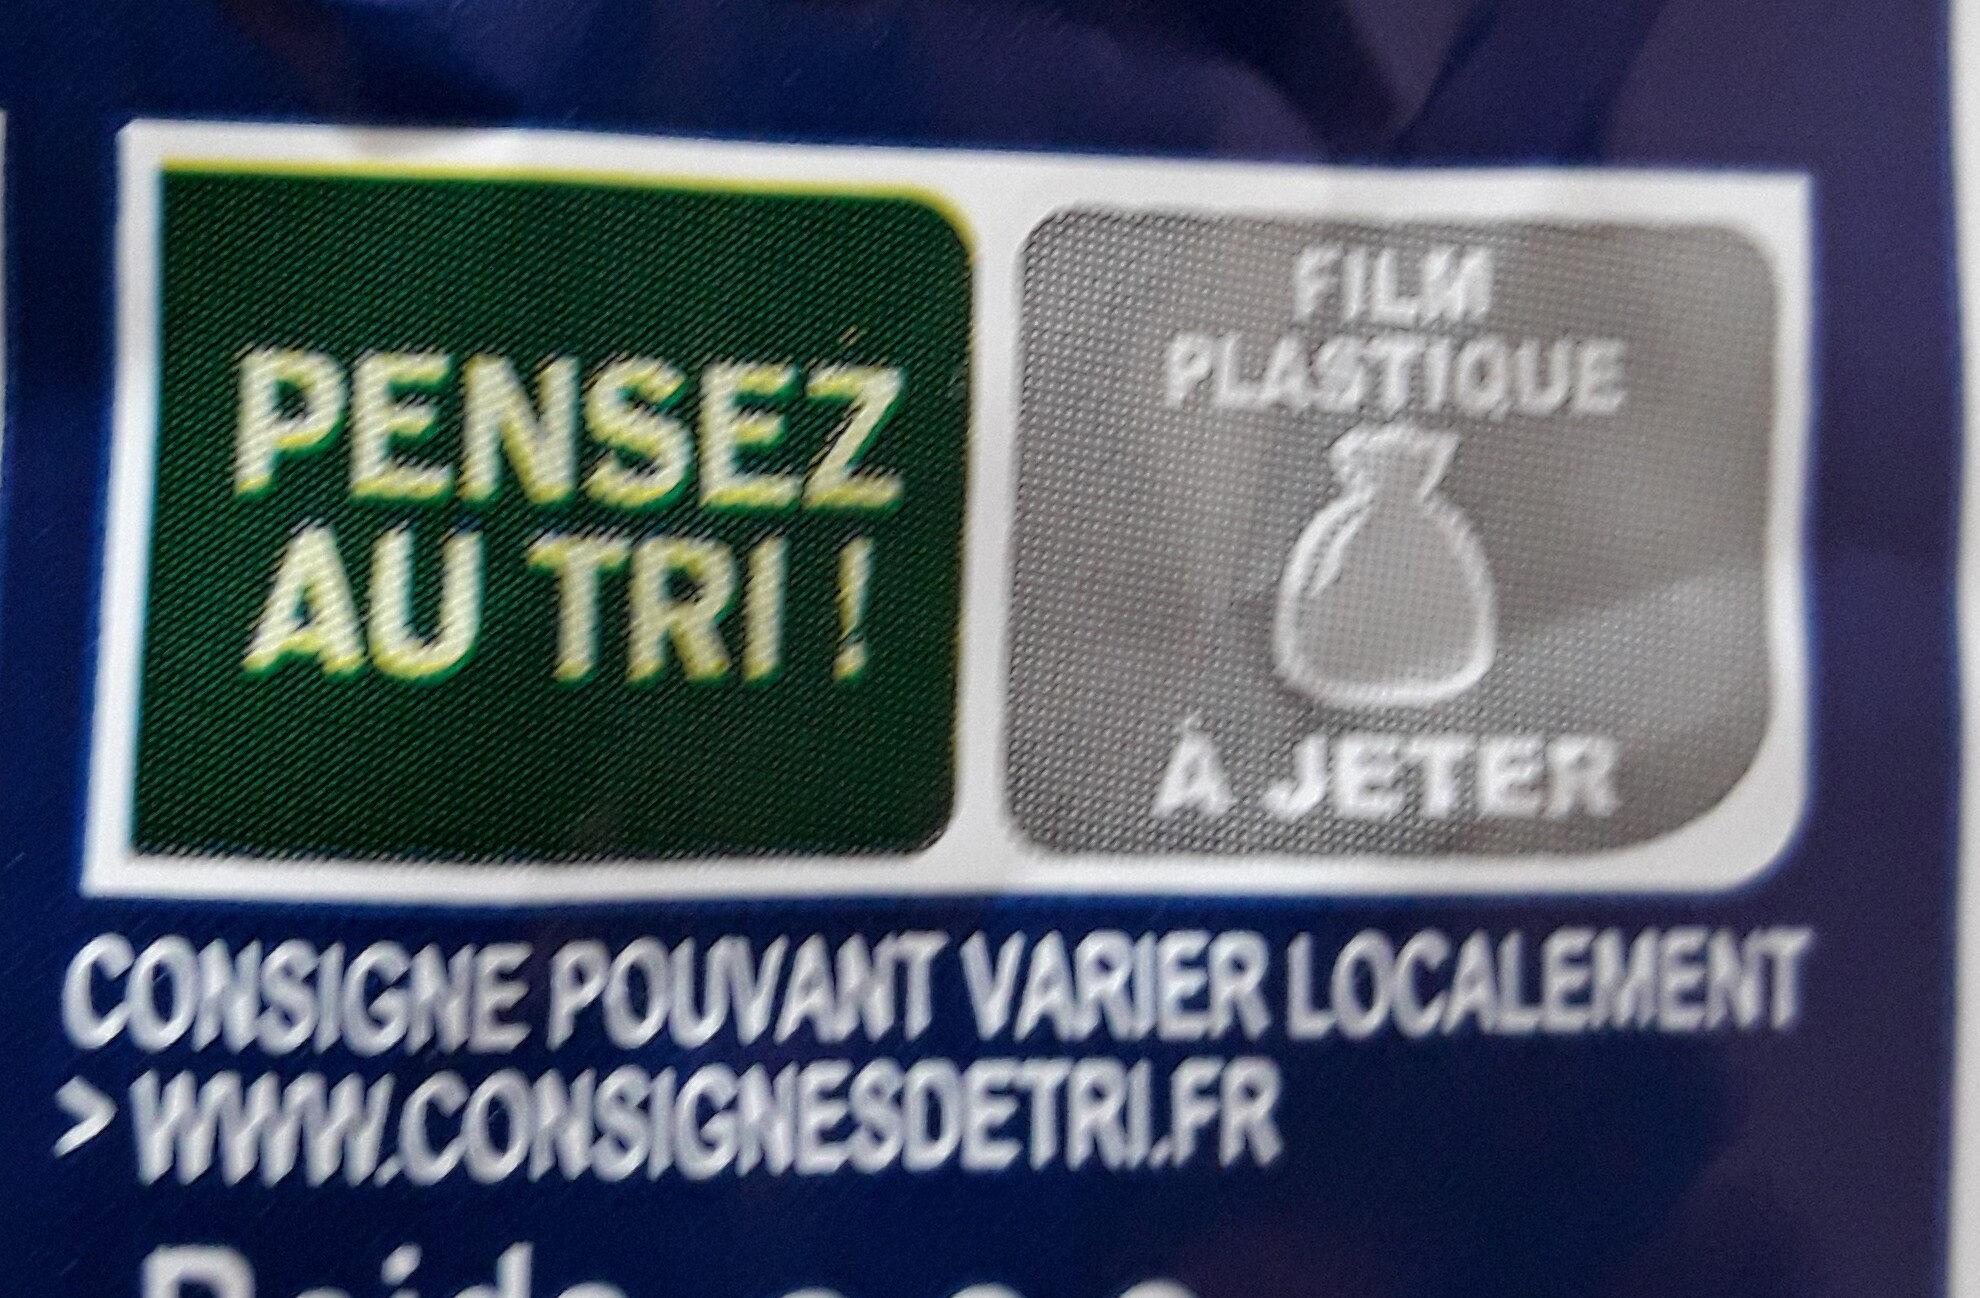 Pitch Pépites de Chocolat - Instruction de recyclage et/ou information d'emballage - fr